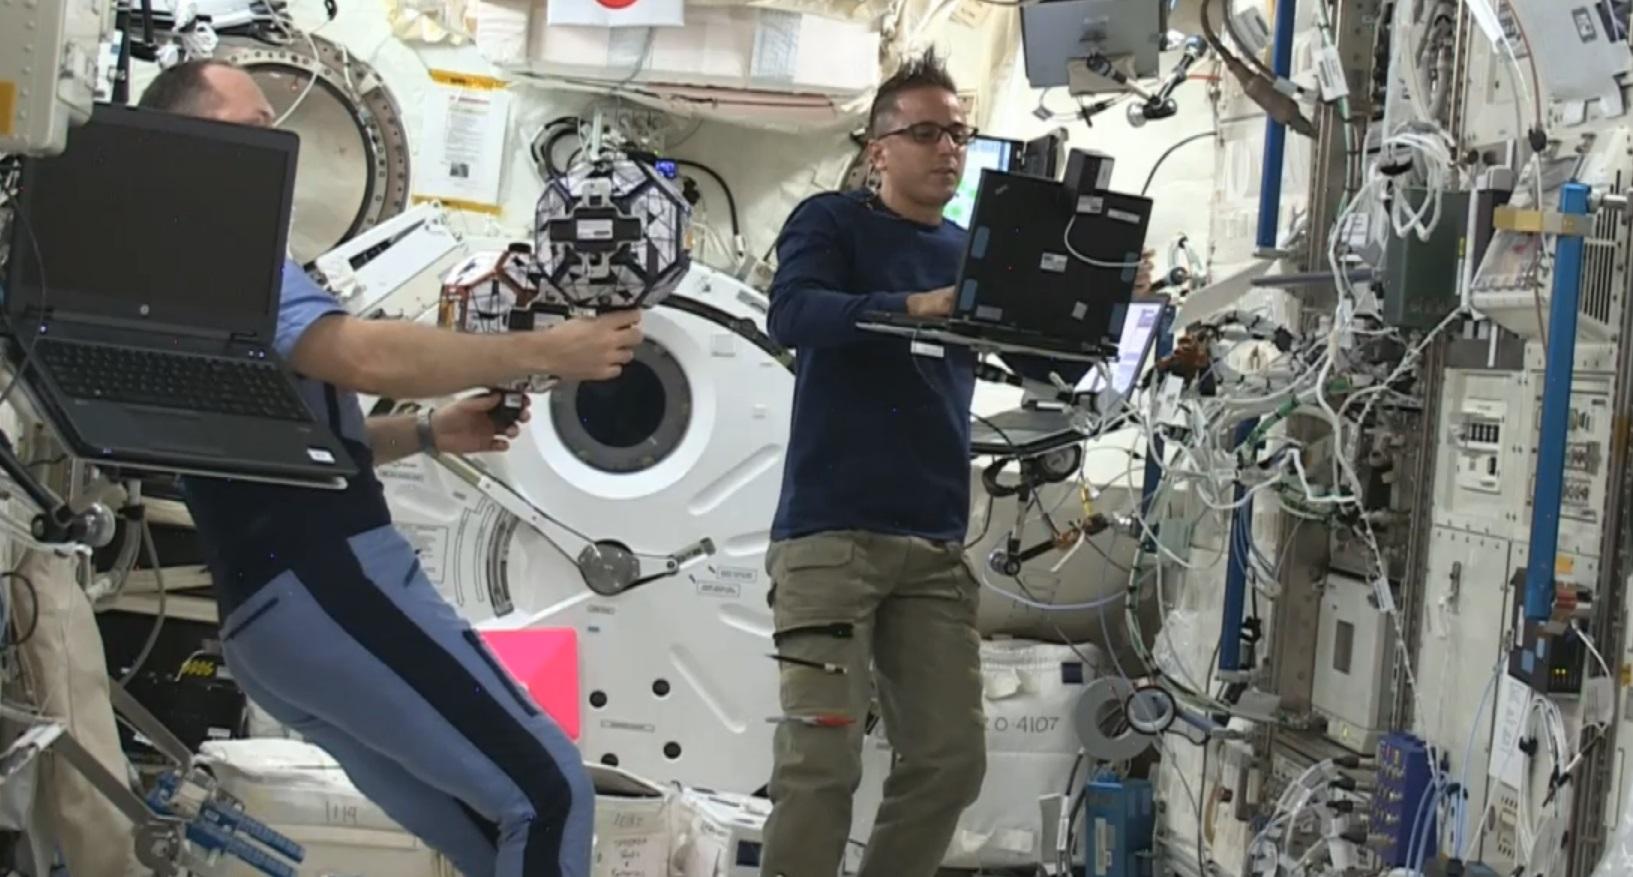 El experimento es supervisado por astronautas y se realiza en una cápsula de la Estación Espacial.